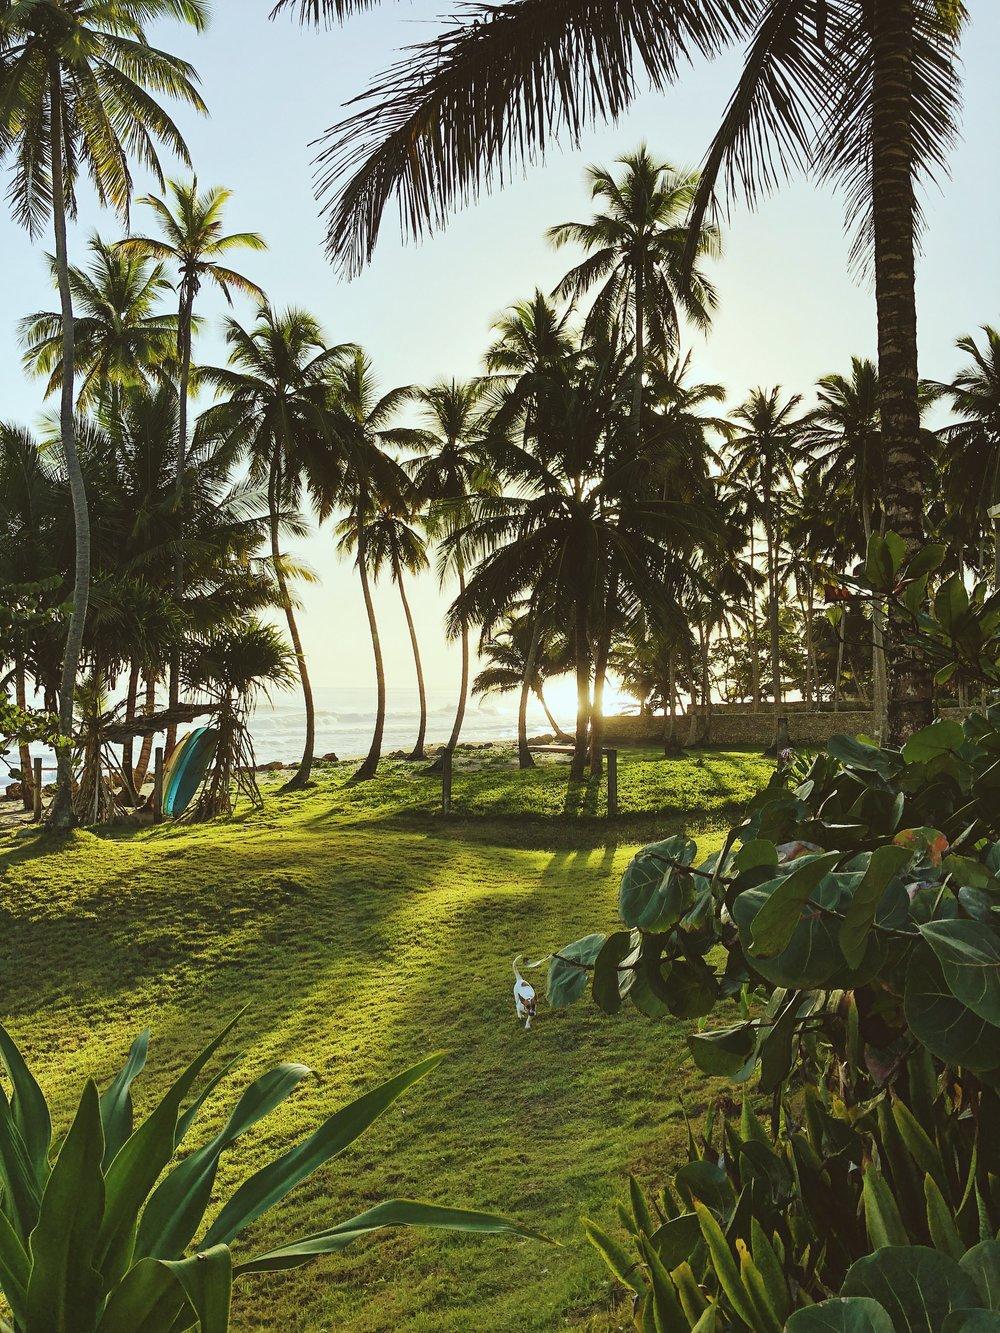 punta cana sunrise beach.JPG